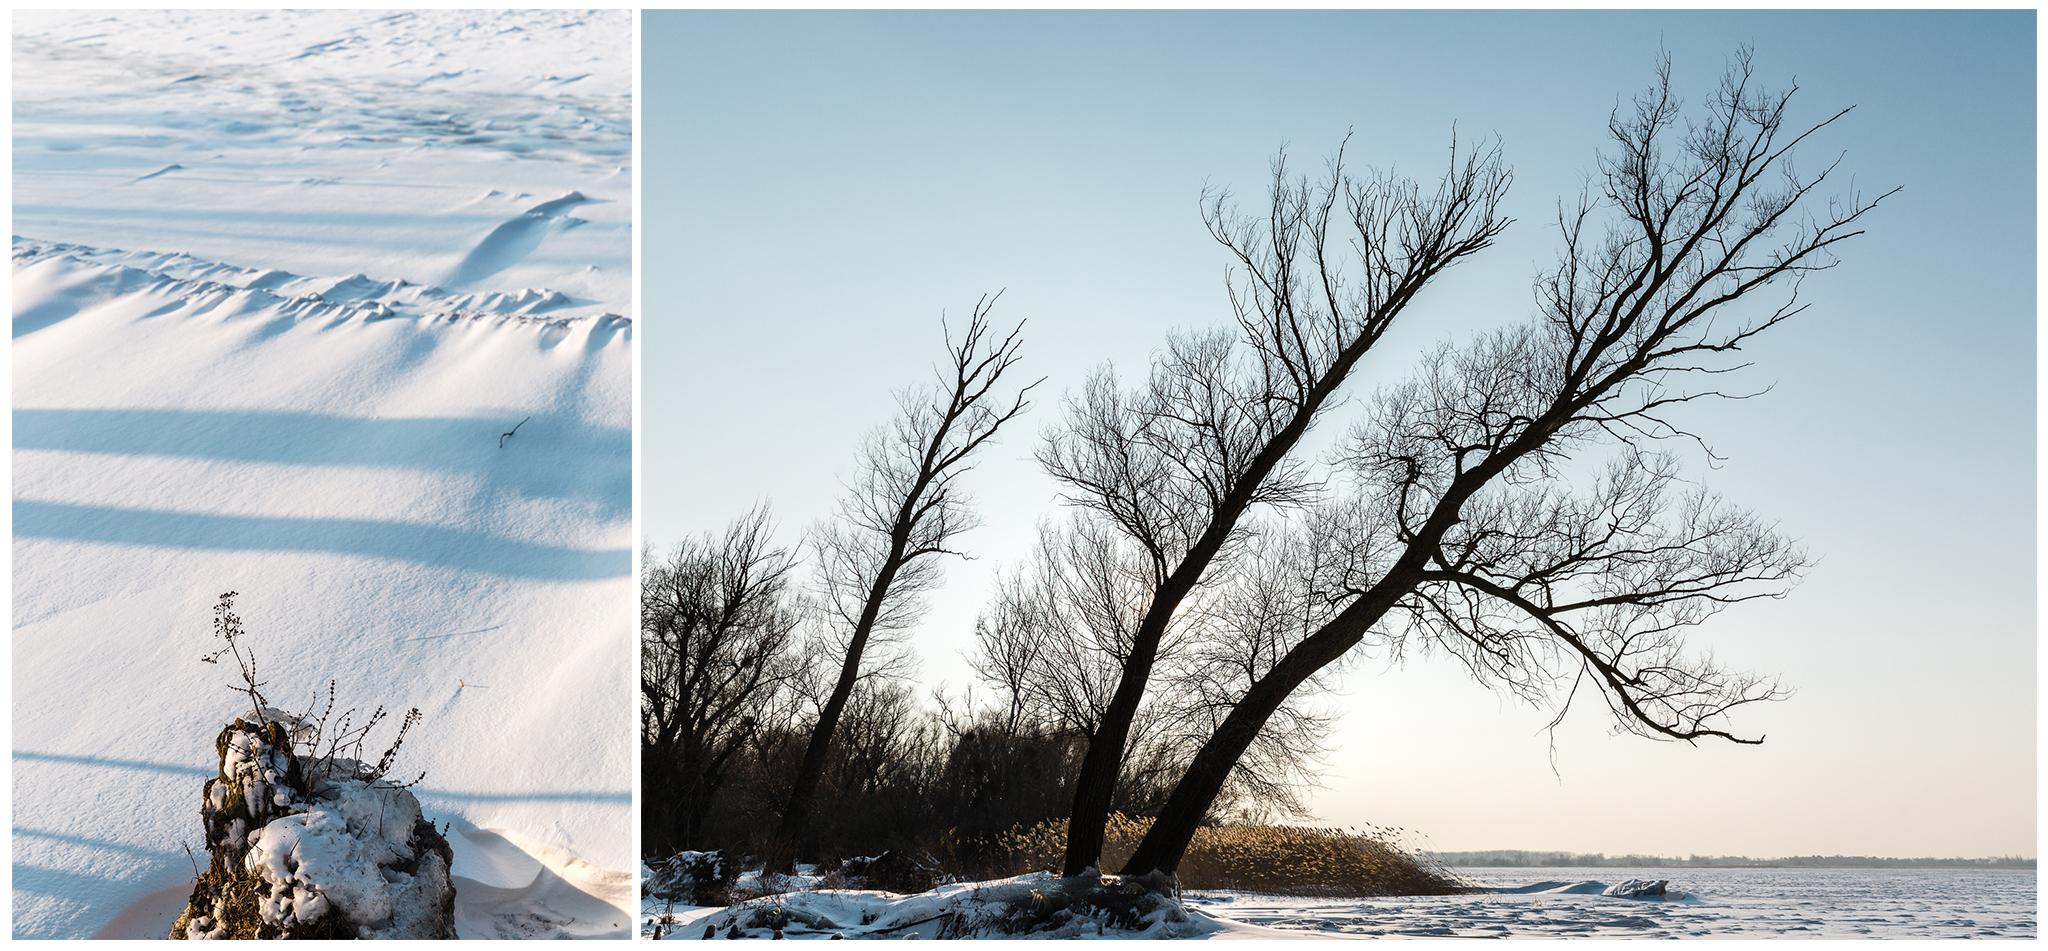 Somogy megye, Fonyód, Balaton, Vasmegye, Zalamegye, Balatonberény, Balatonszentgyörgy, Tél, fagyás, jég, jégcsap, Fülöp Péter, Körmend, fotográfus_006.jpg